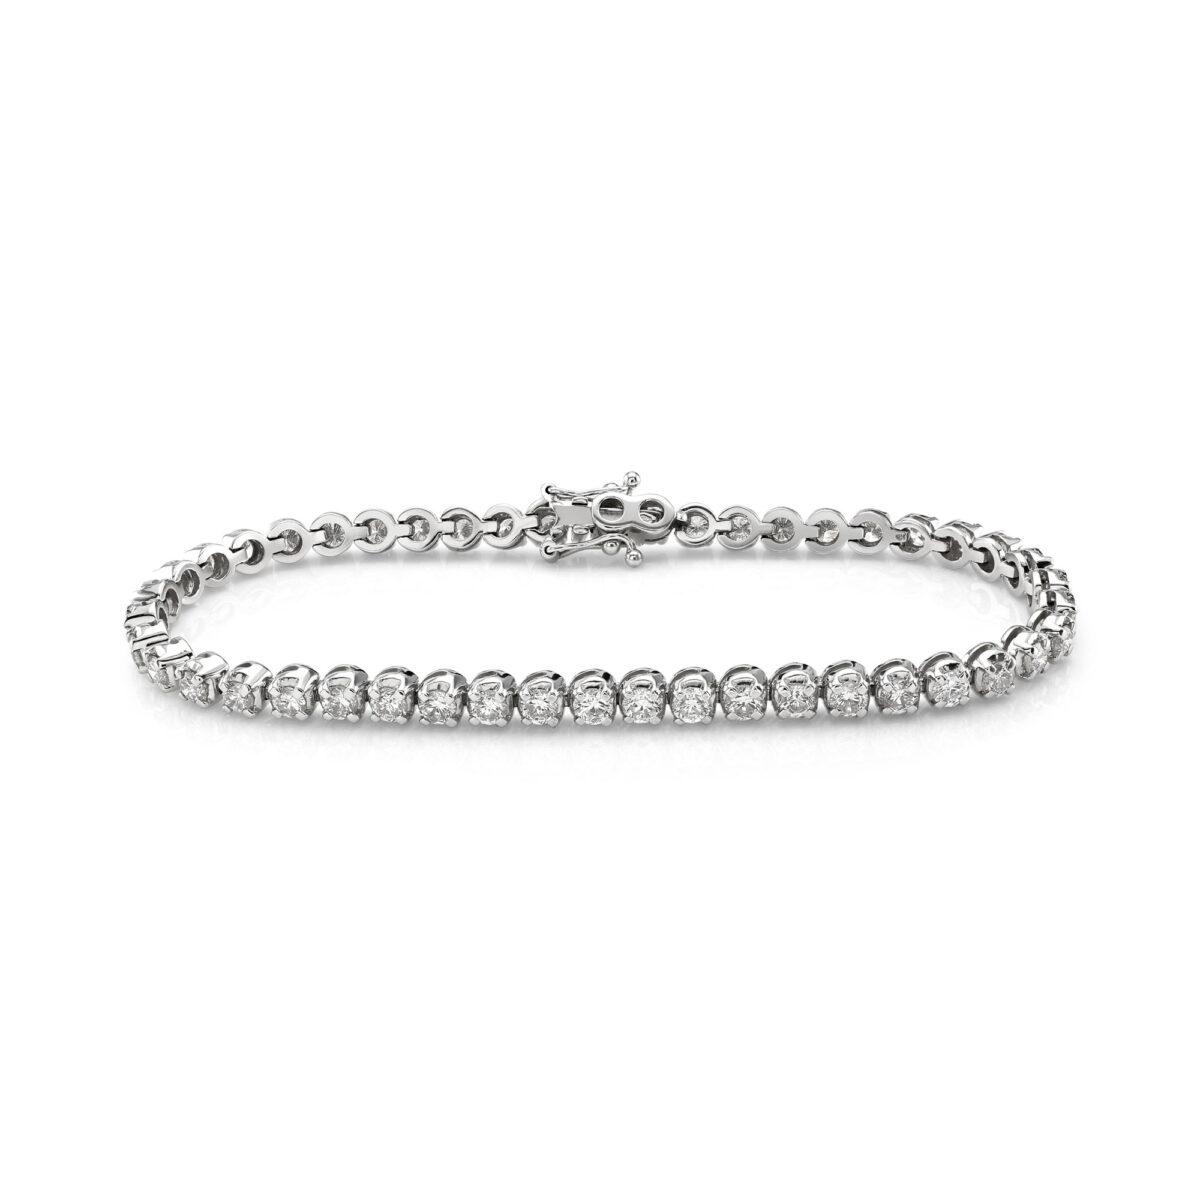 product/d/i/diamond_line_bracelet_30_17_383_.jpg;;product/d/i/diamond_line_bracelet30_17_383_l_s.jpg;;product/d/m/dmr-packaging_206_4.jpg